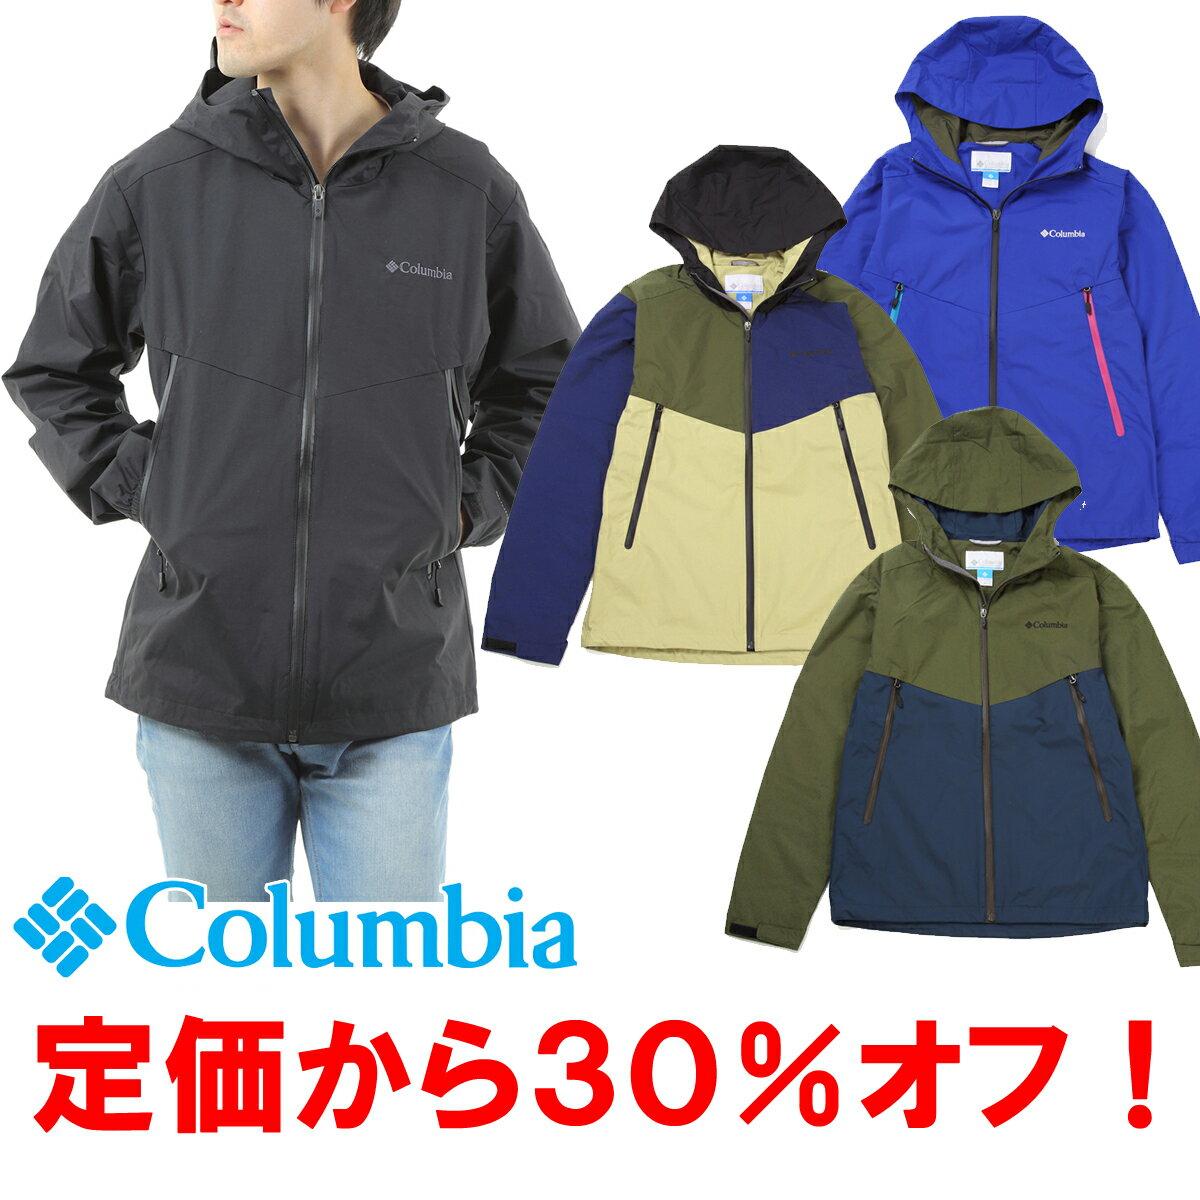 メンズファッション, コート・ジャケット 30 PM3752 Columbia Decruze Summit Jacket2019